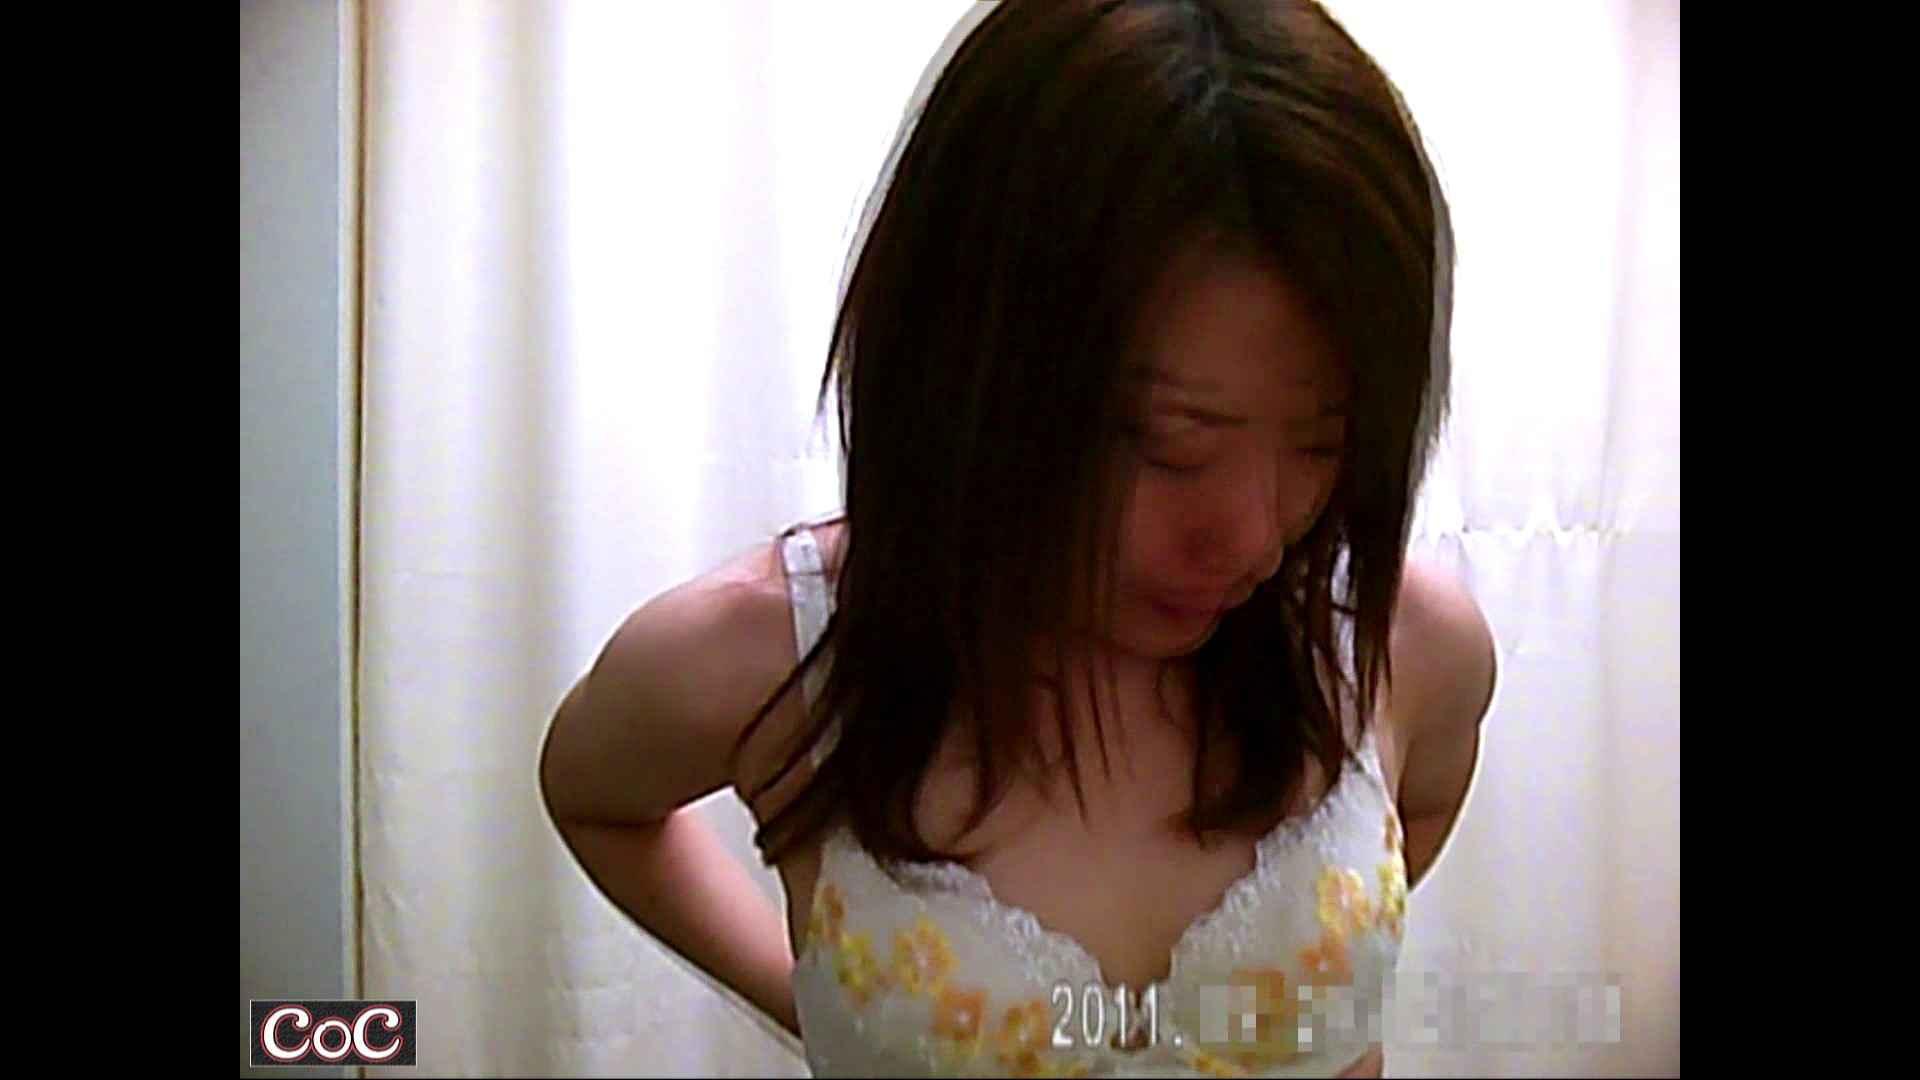 元医者による反抗 更衣室地獄絵巻 vol.253 OL   0  32連発 29